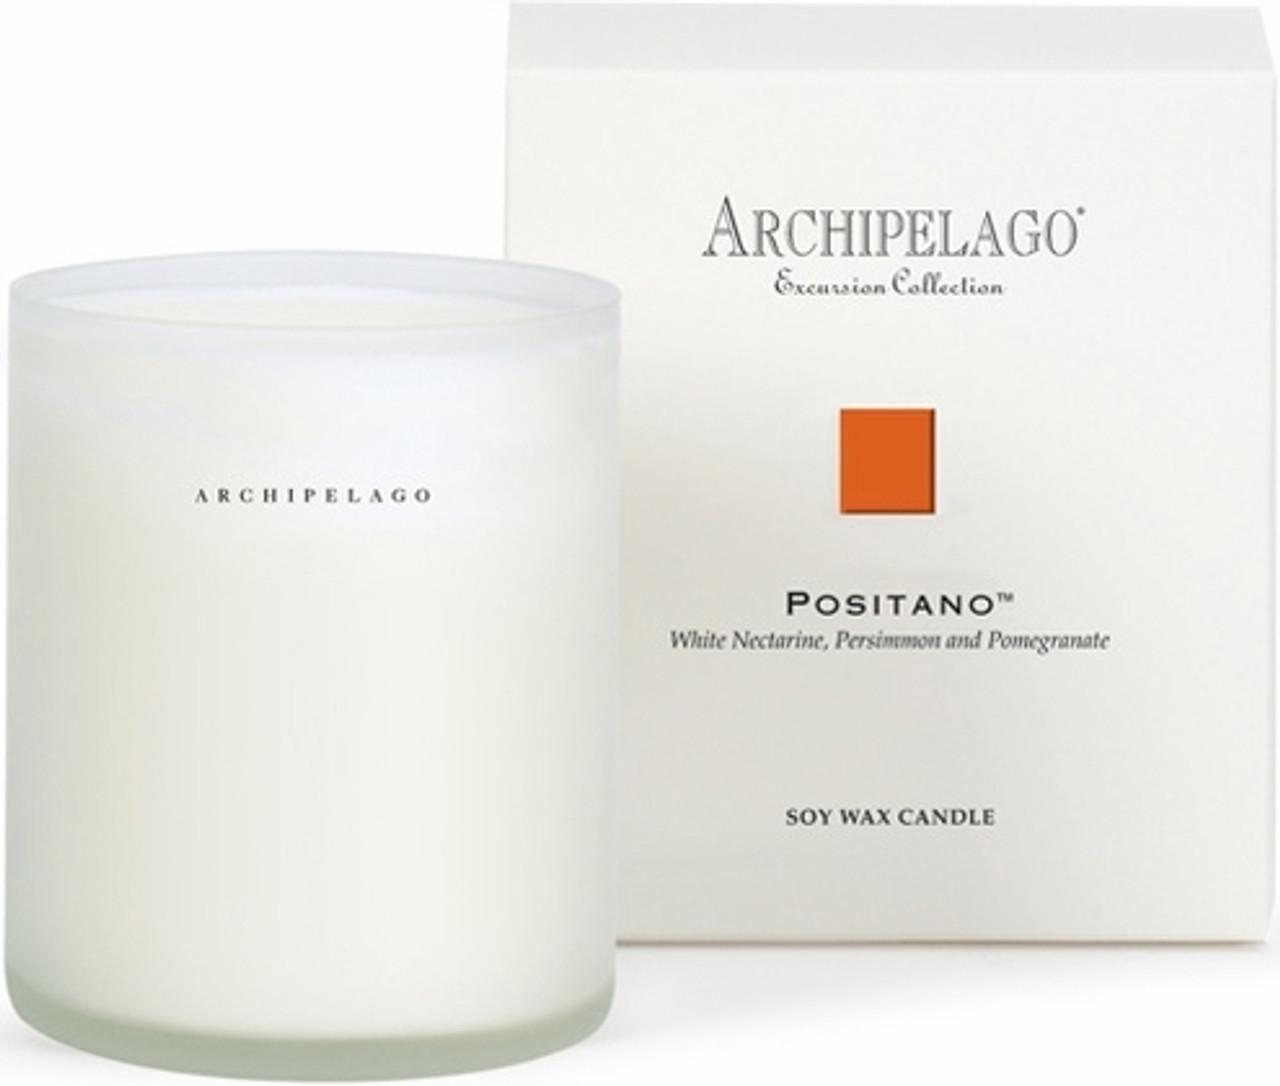 Archipelago Positano Soy Candle